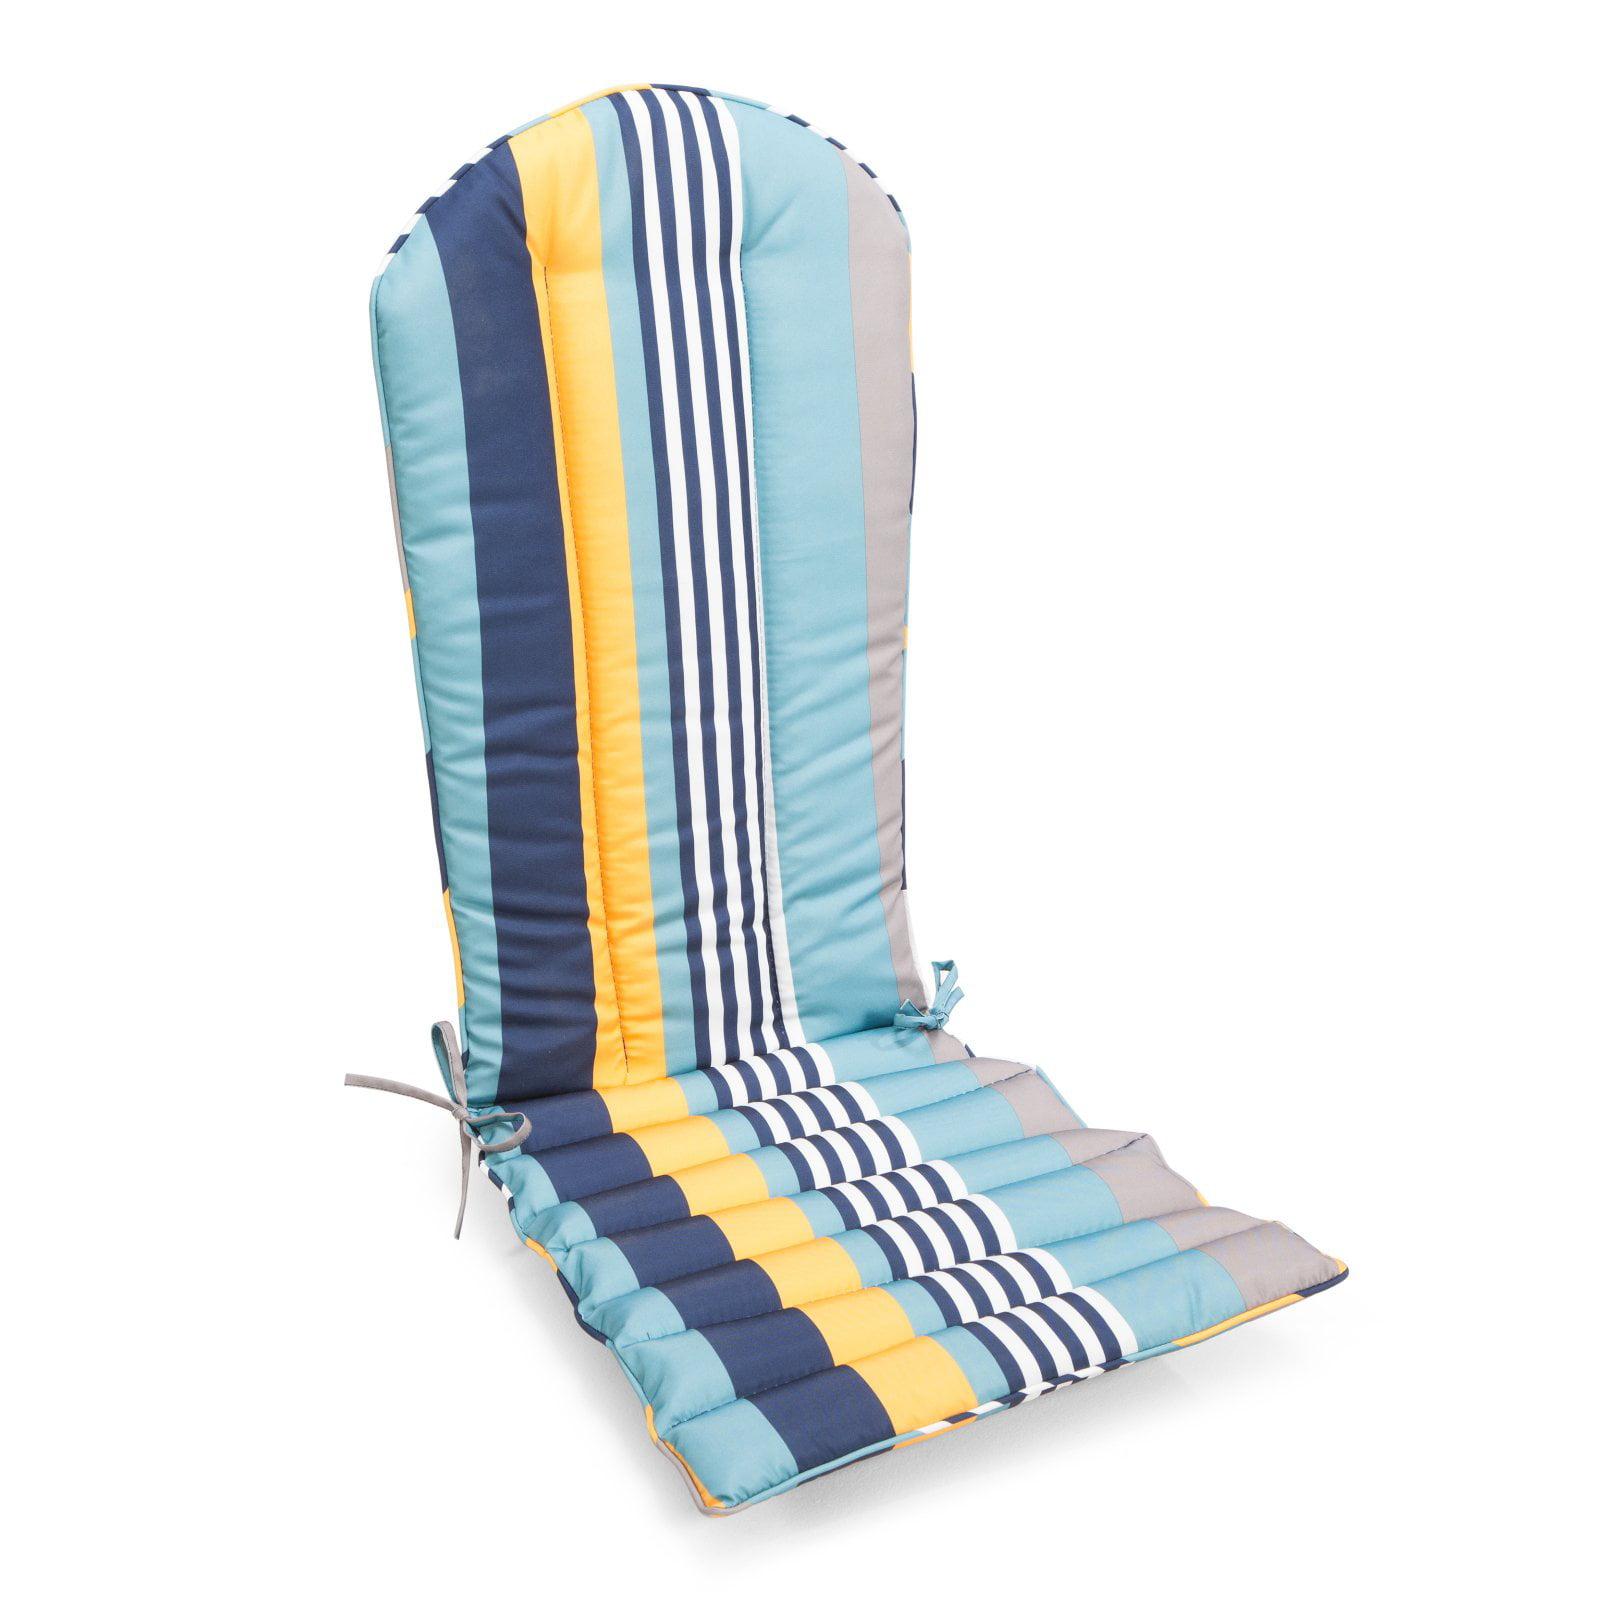 Coral Coast Classic Adirondack Chair Cushion